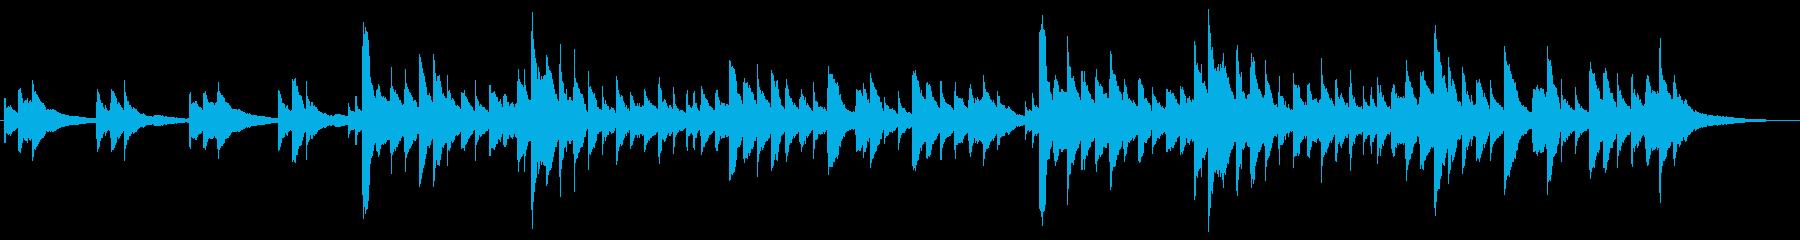 アイリッシュハープの物悲しいBGMの再生済みの波形